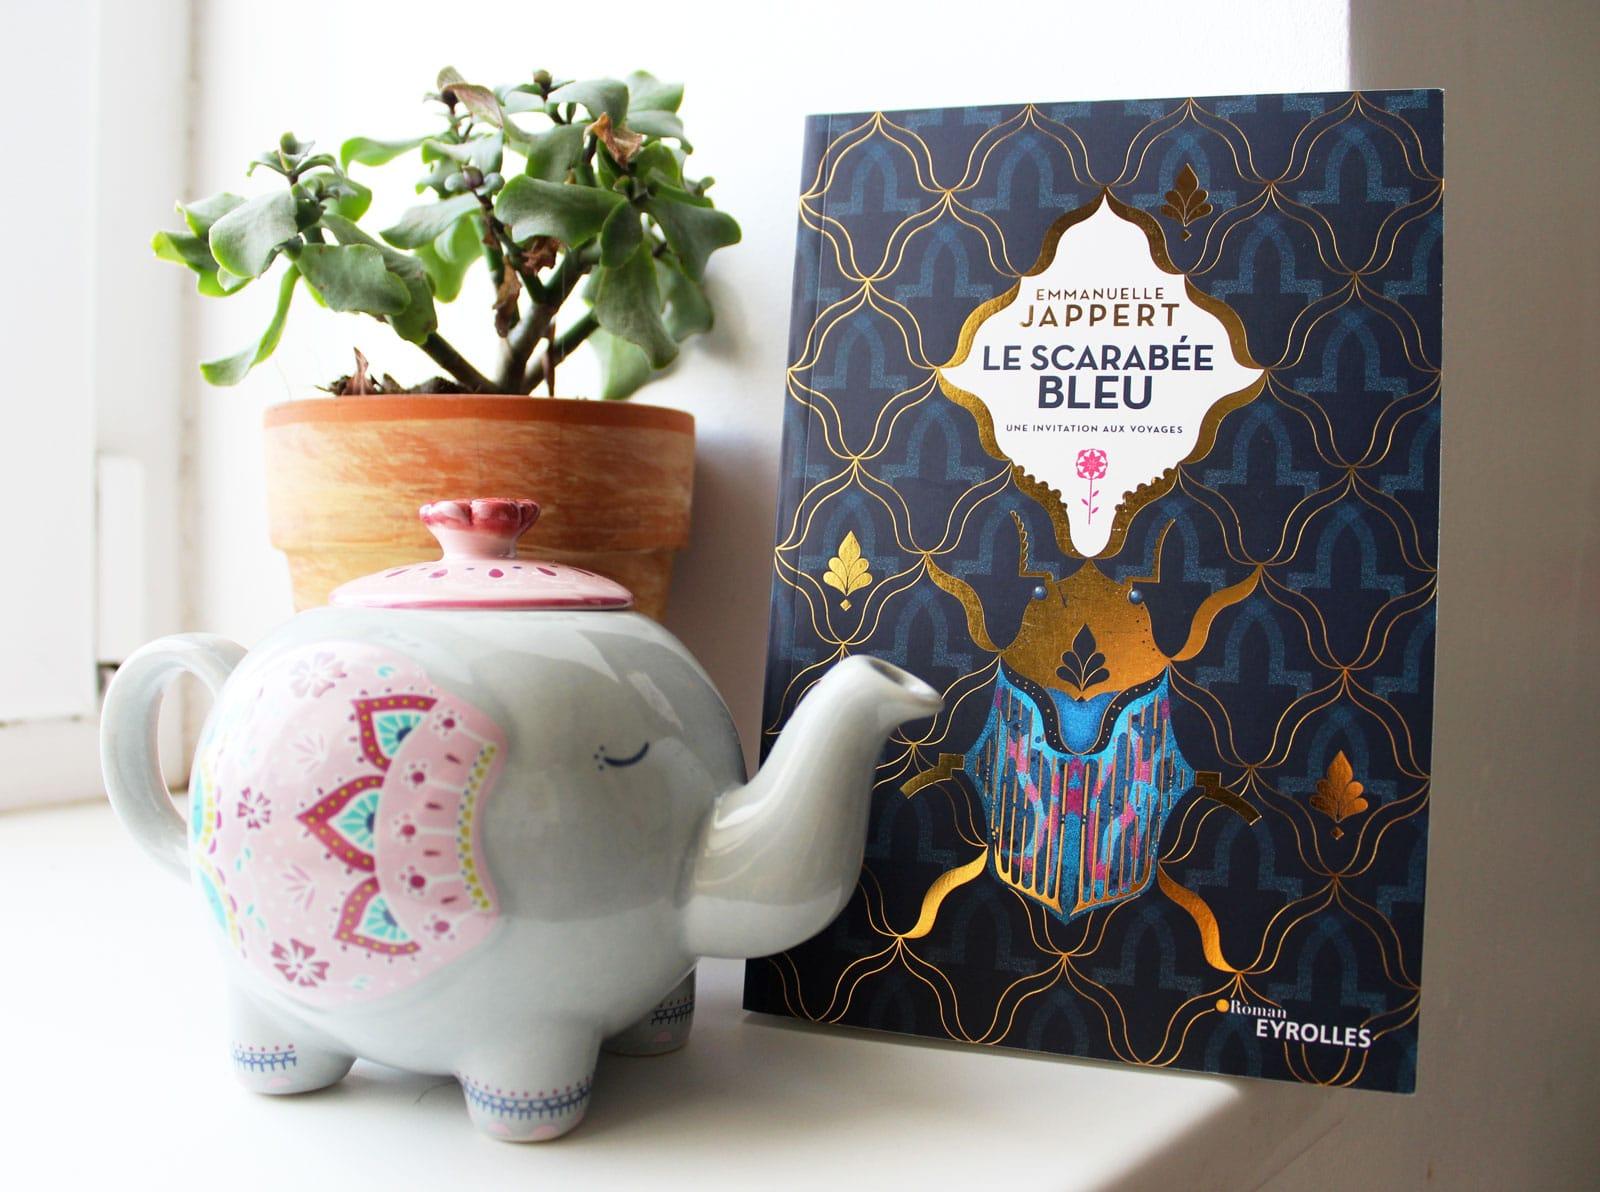 A la découverte du Scarabée Bleu d'Emmanuelle Jappert